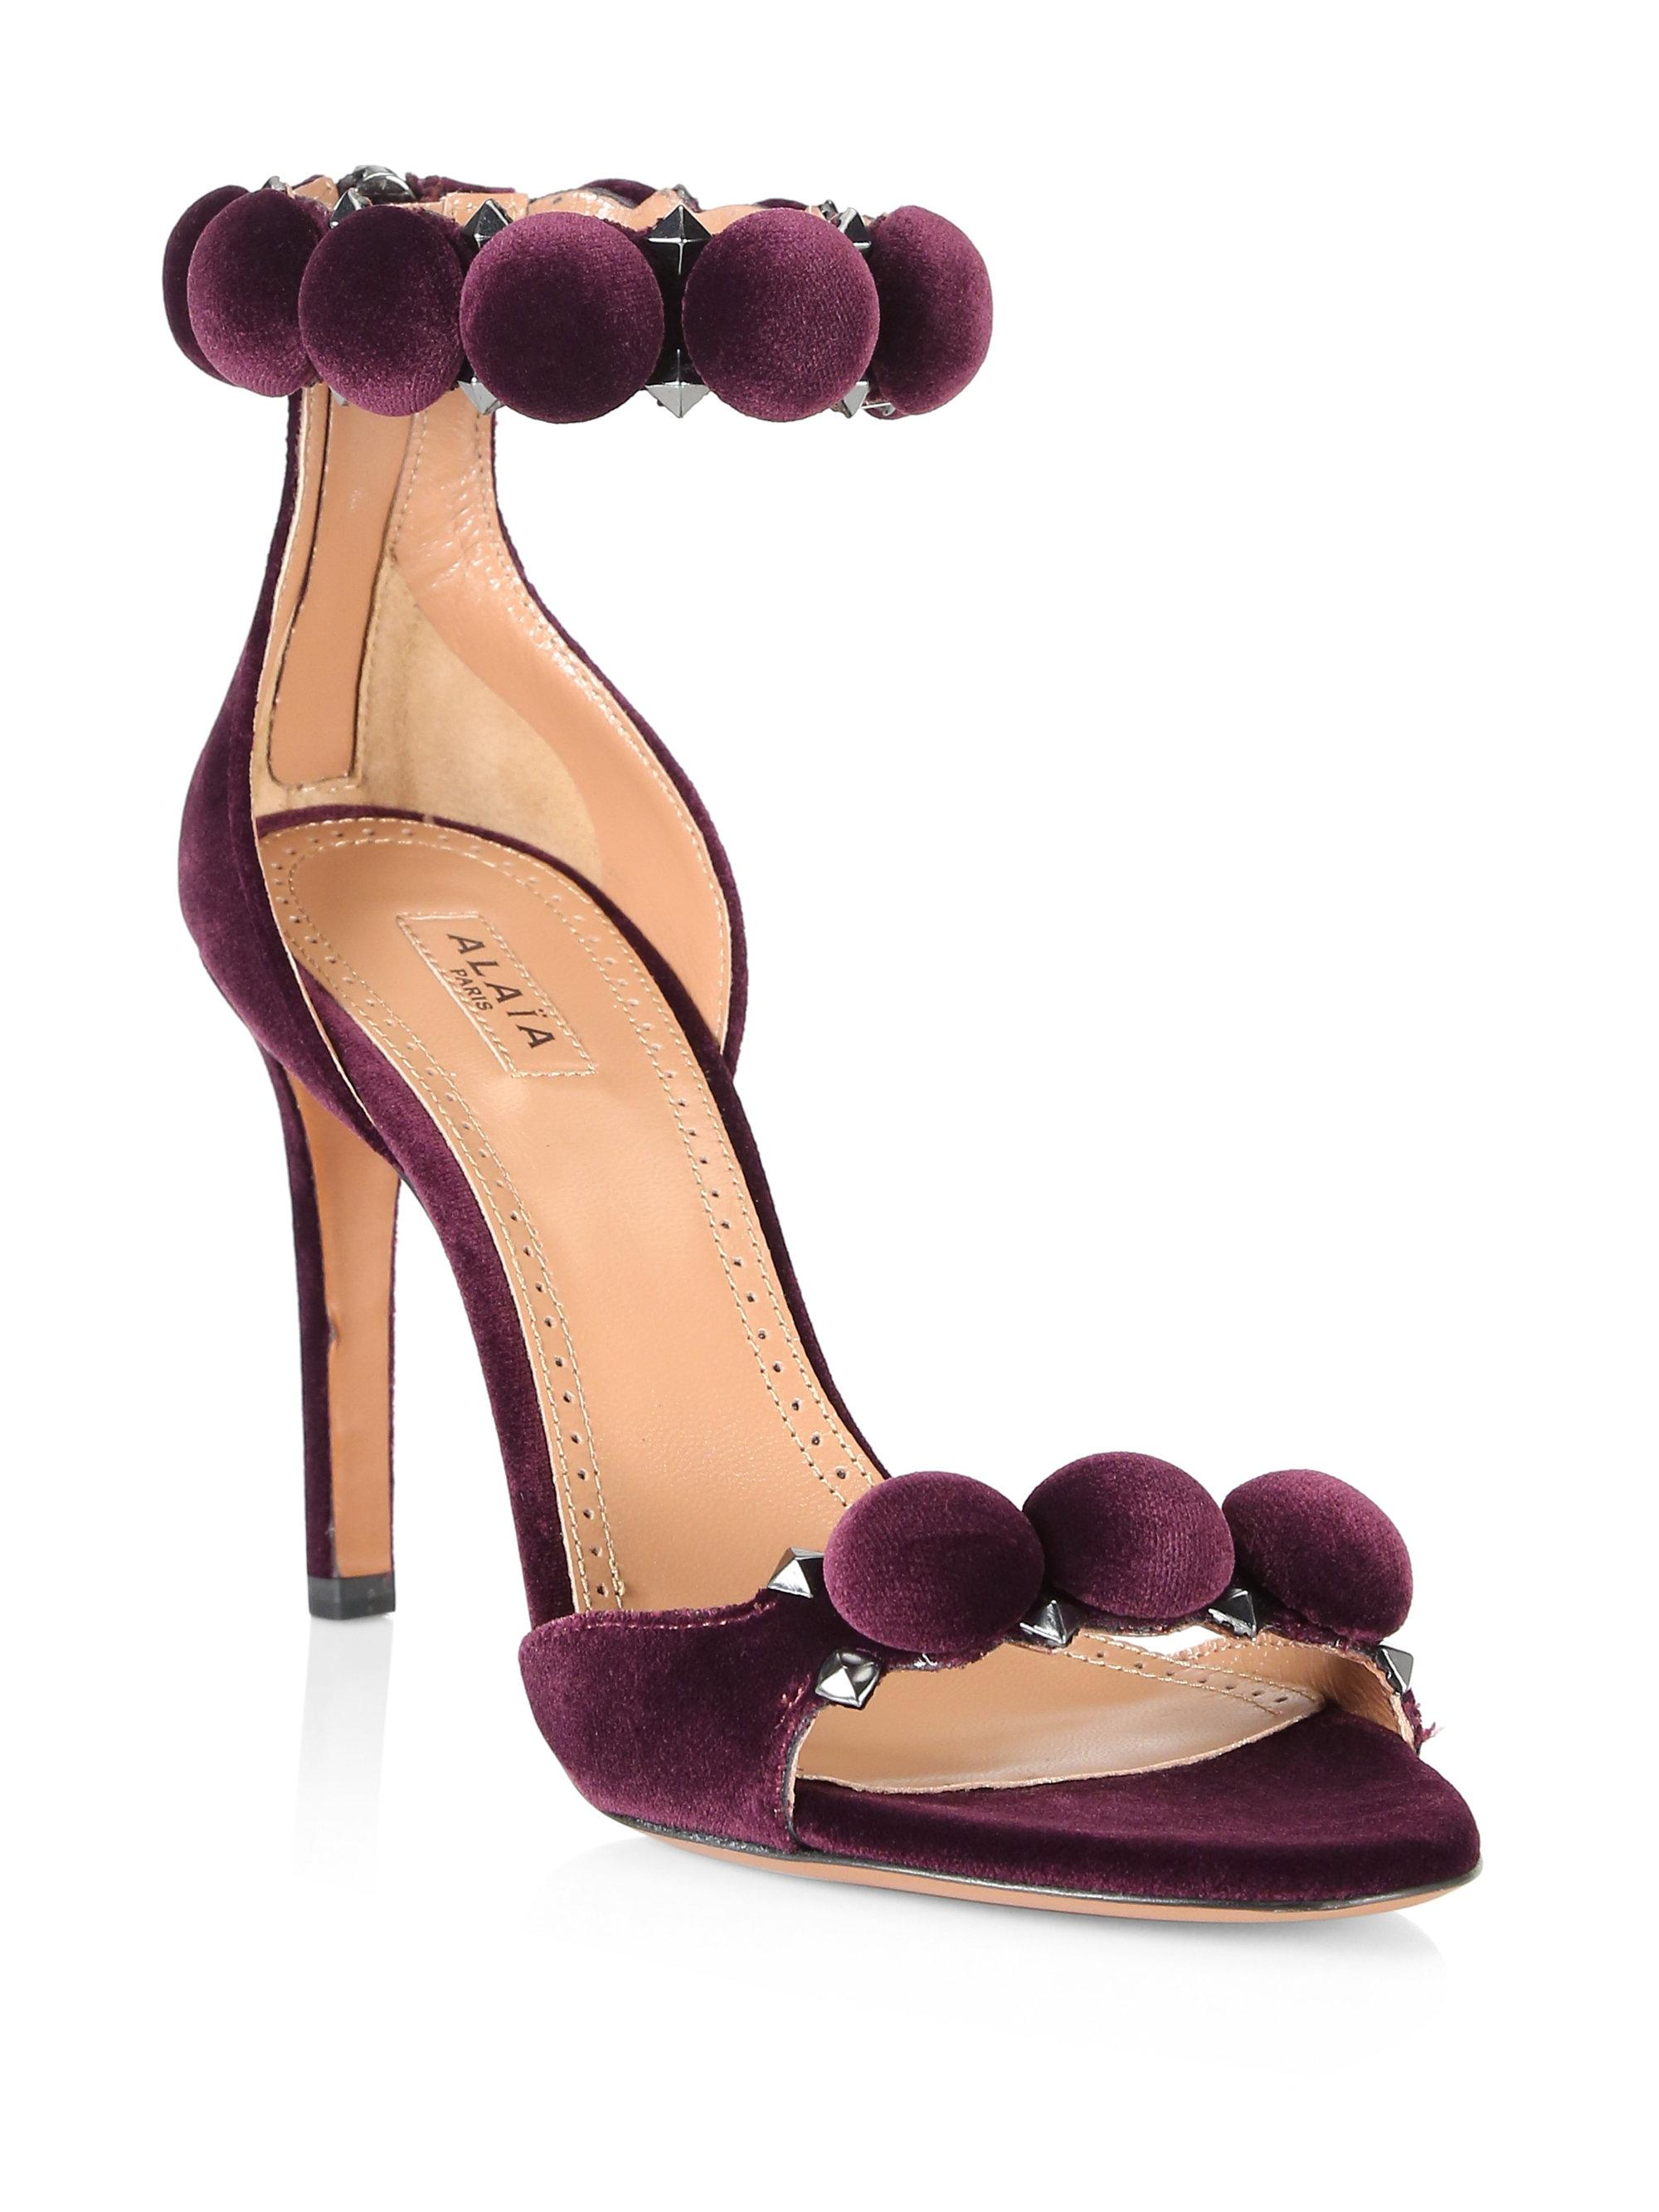 c790ce78d63d Lyst - Alaïa Velour Bomb Stiletto Sandals in Purple